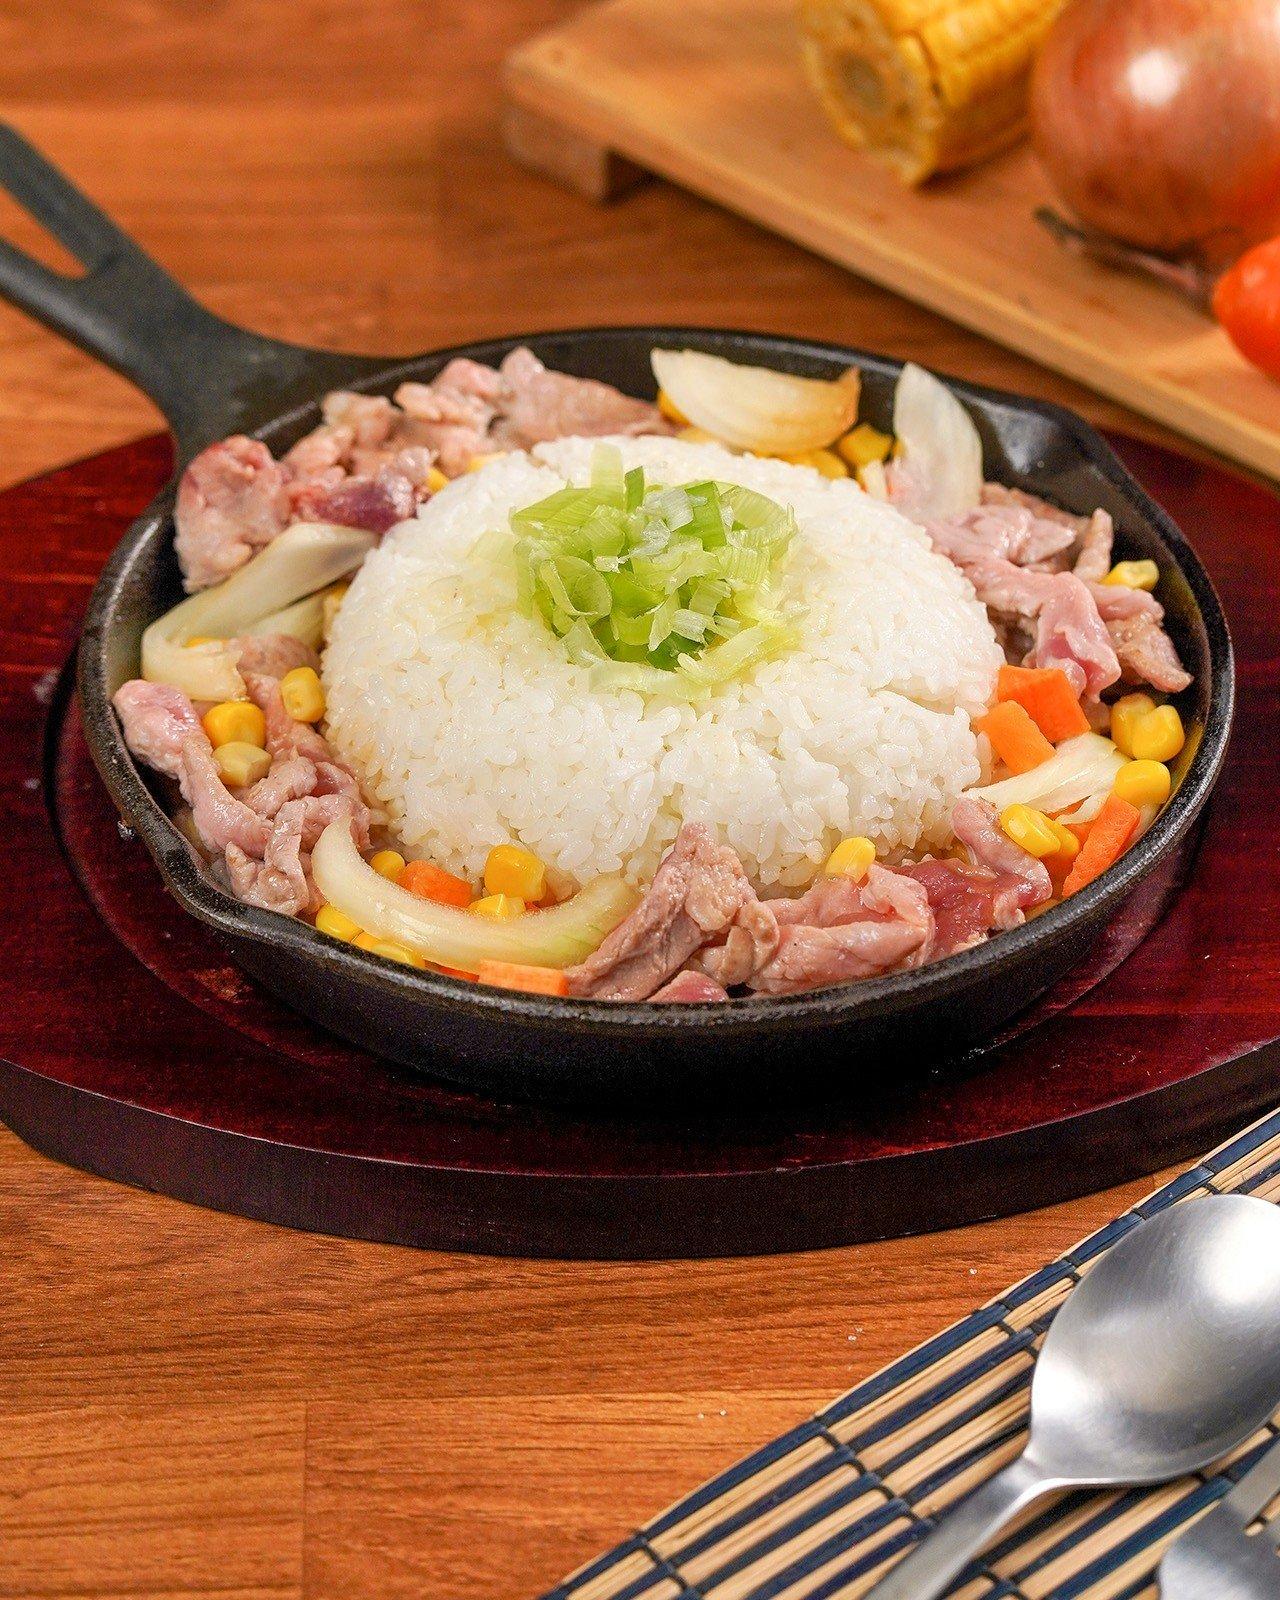 ข้าวผัดสุกี้ญี่ปุ่นกระทะร้อน